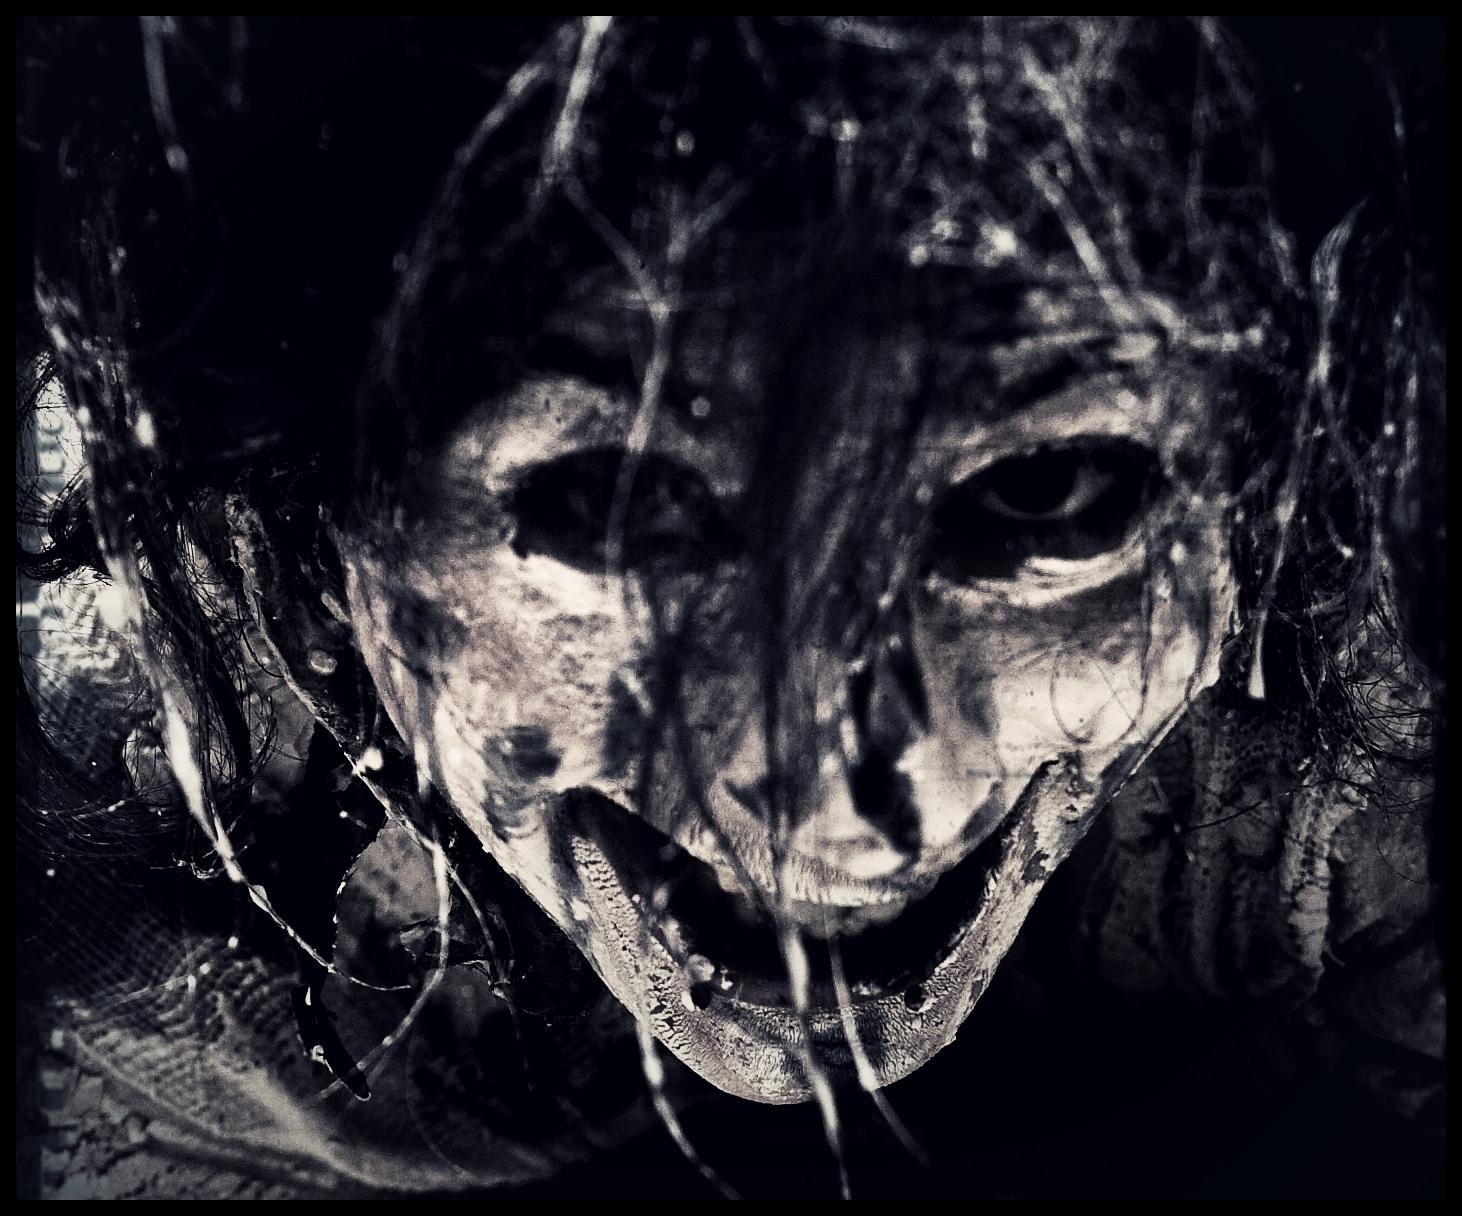 världens läskigaste spökhistorier